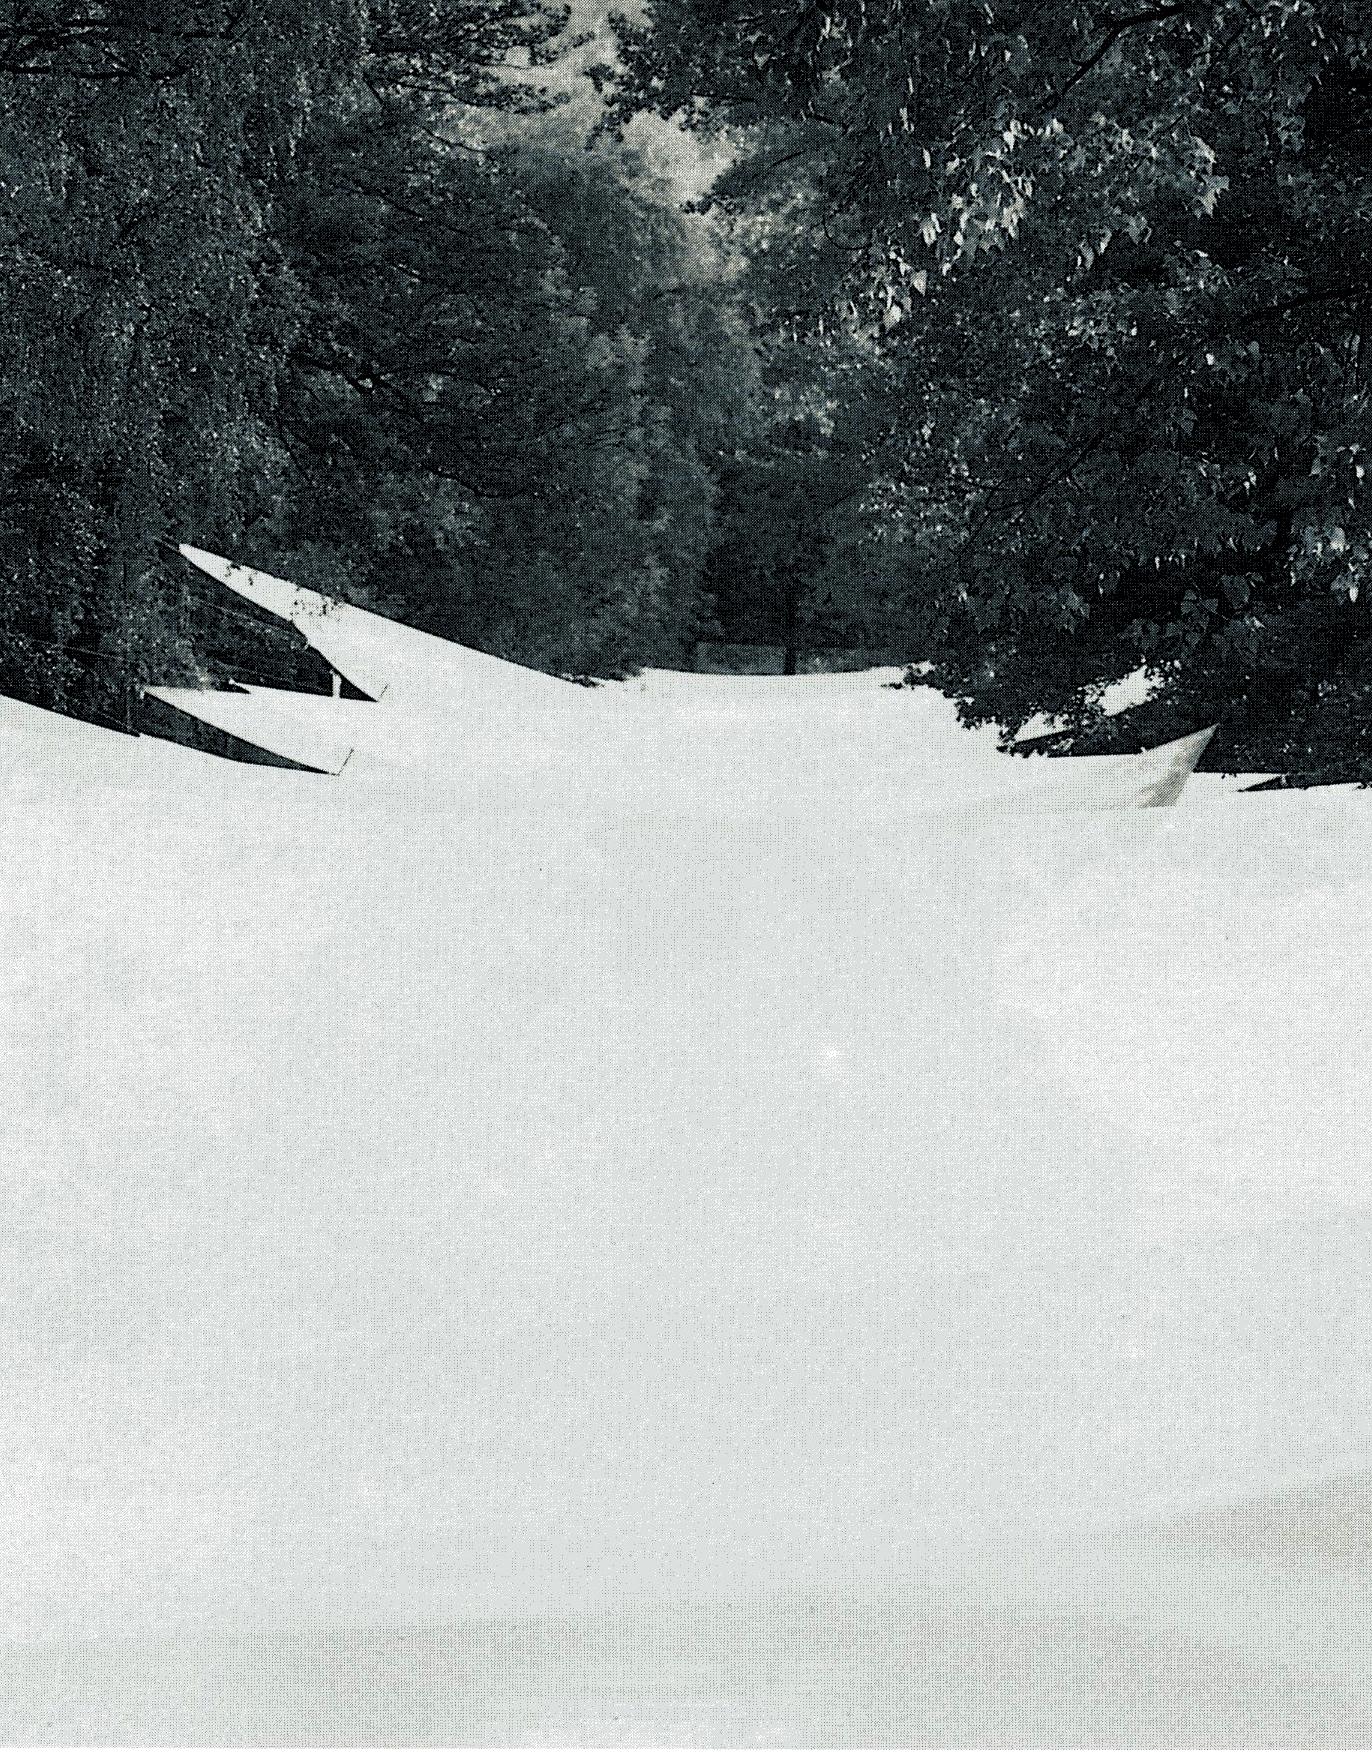 Foto 09 e, Città invisibili Klagenfurt 1992.jpg